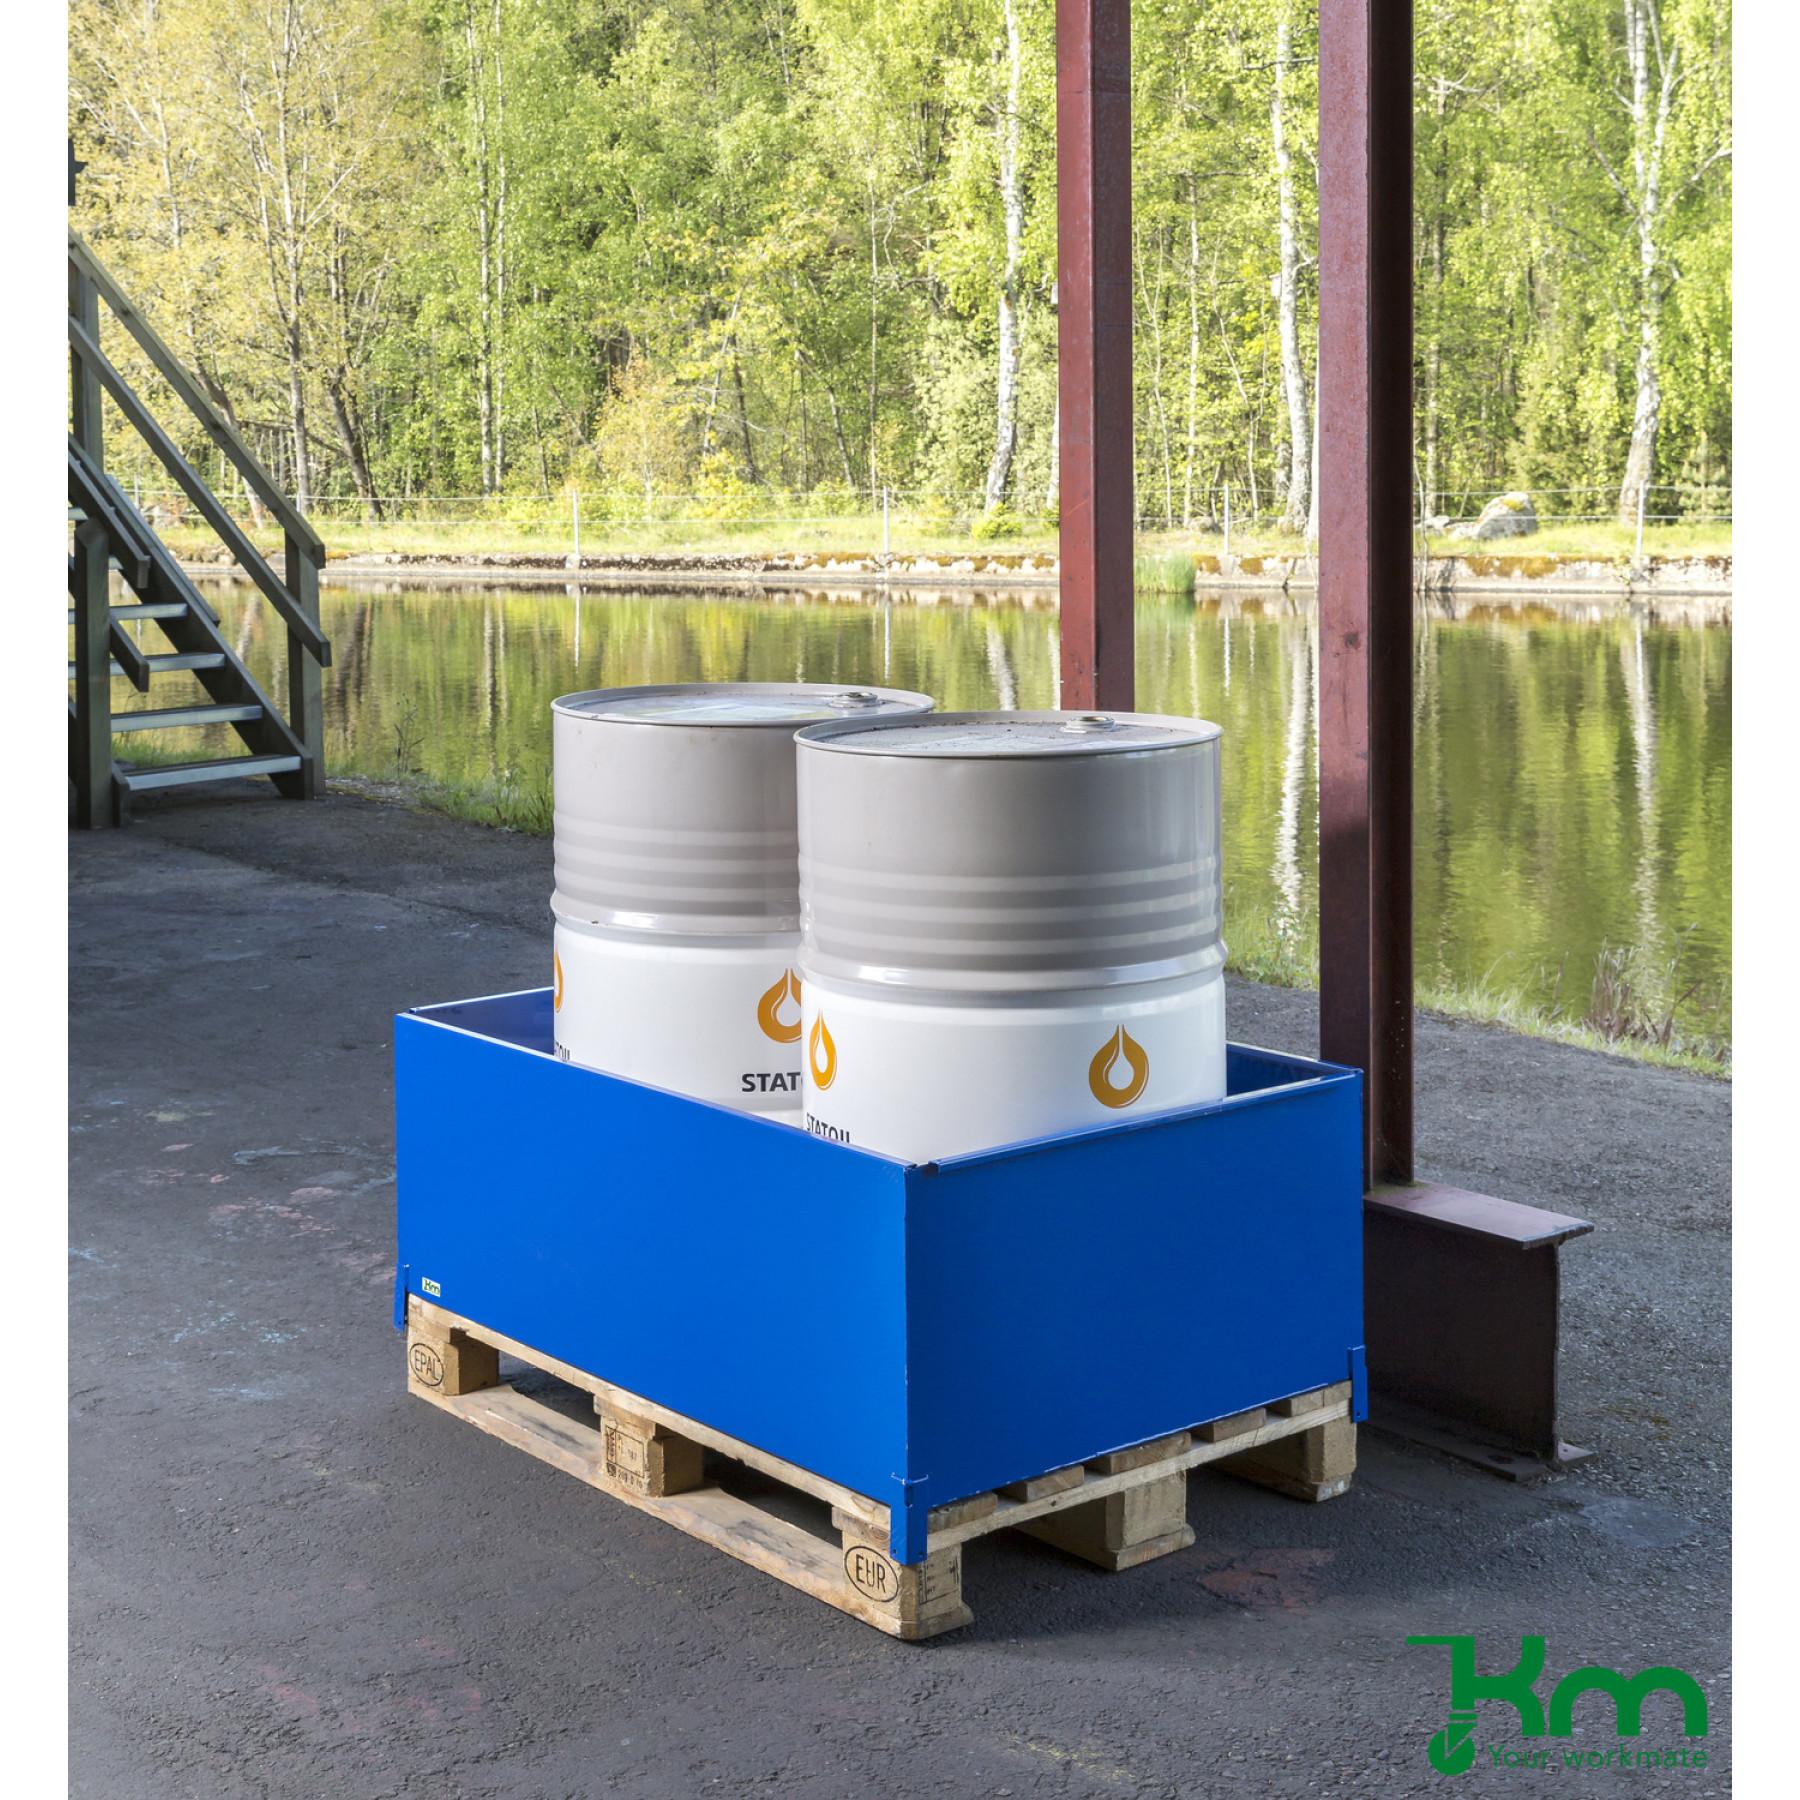 Vloeistof opvangbak voor 2 x 200 liter vaten